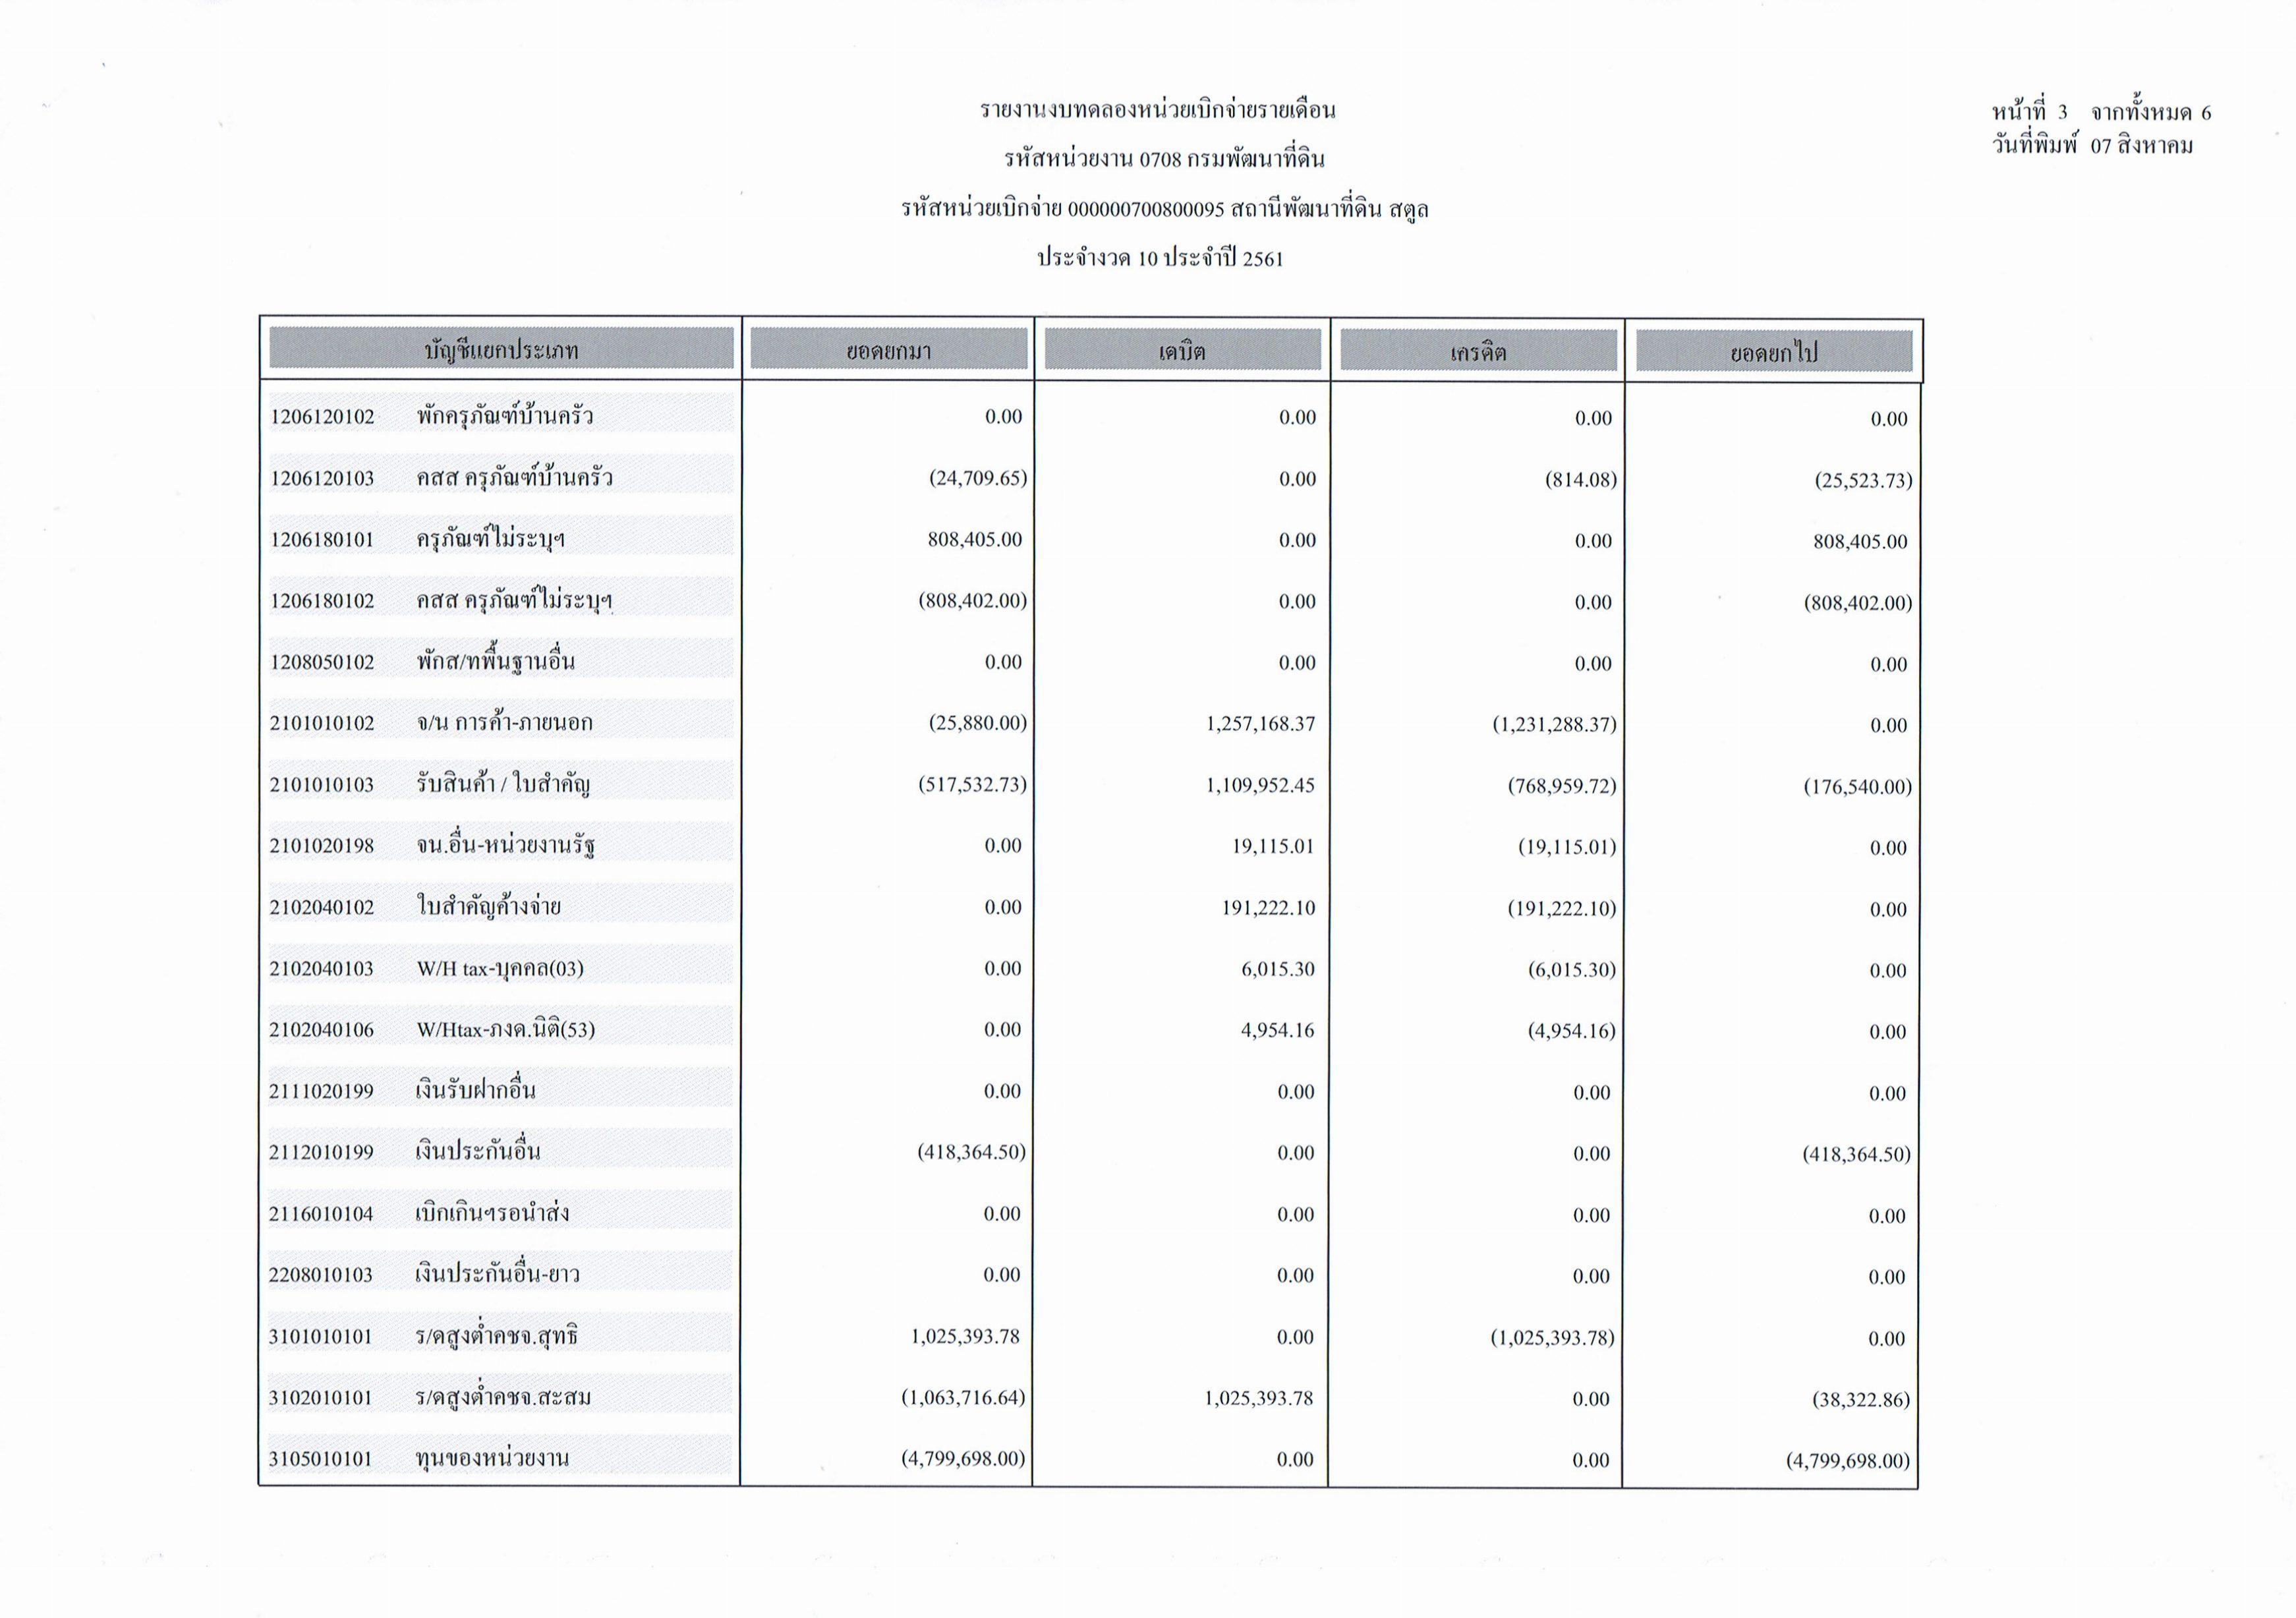 รายงานงบทดลองหน่วยเบิกจ่ายรายเดือนกรกฎาคม ประจำงวด 10 ประจำปี 2561_3